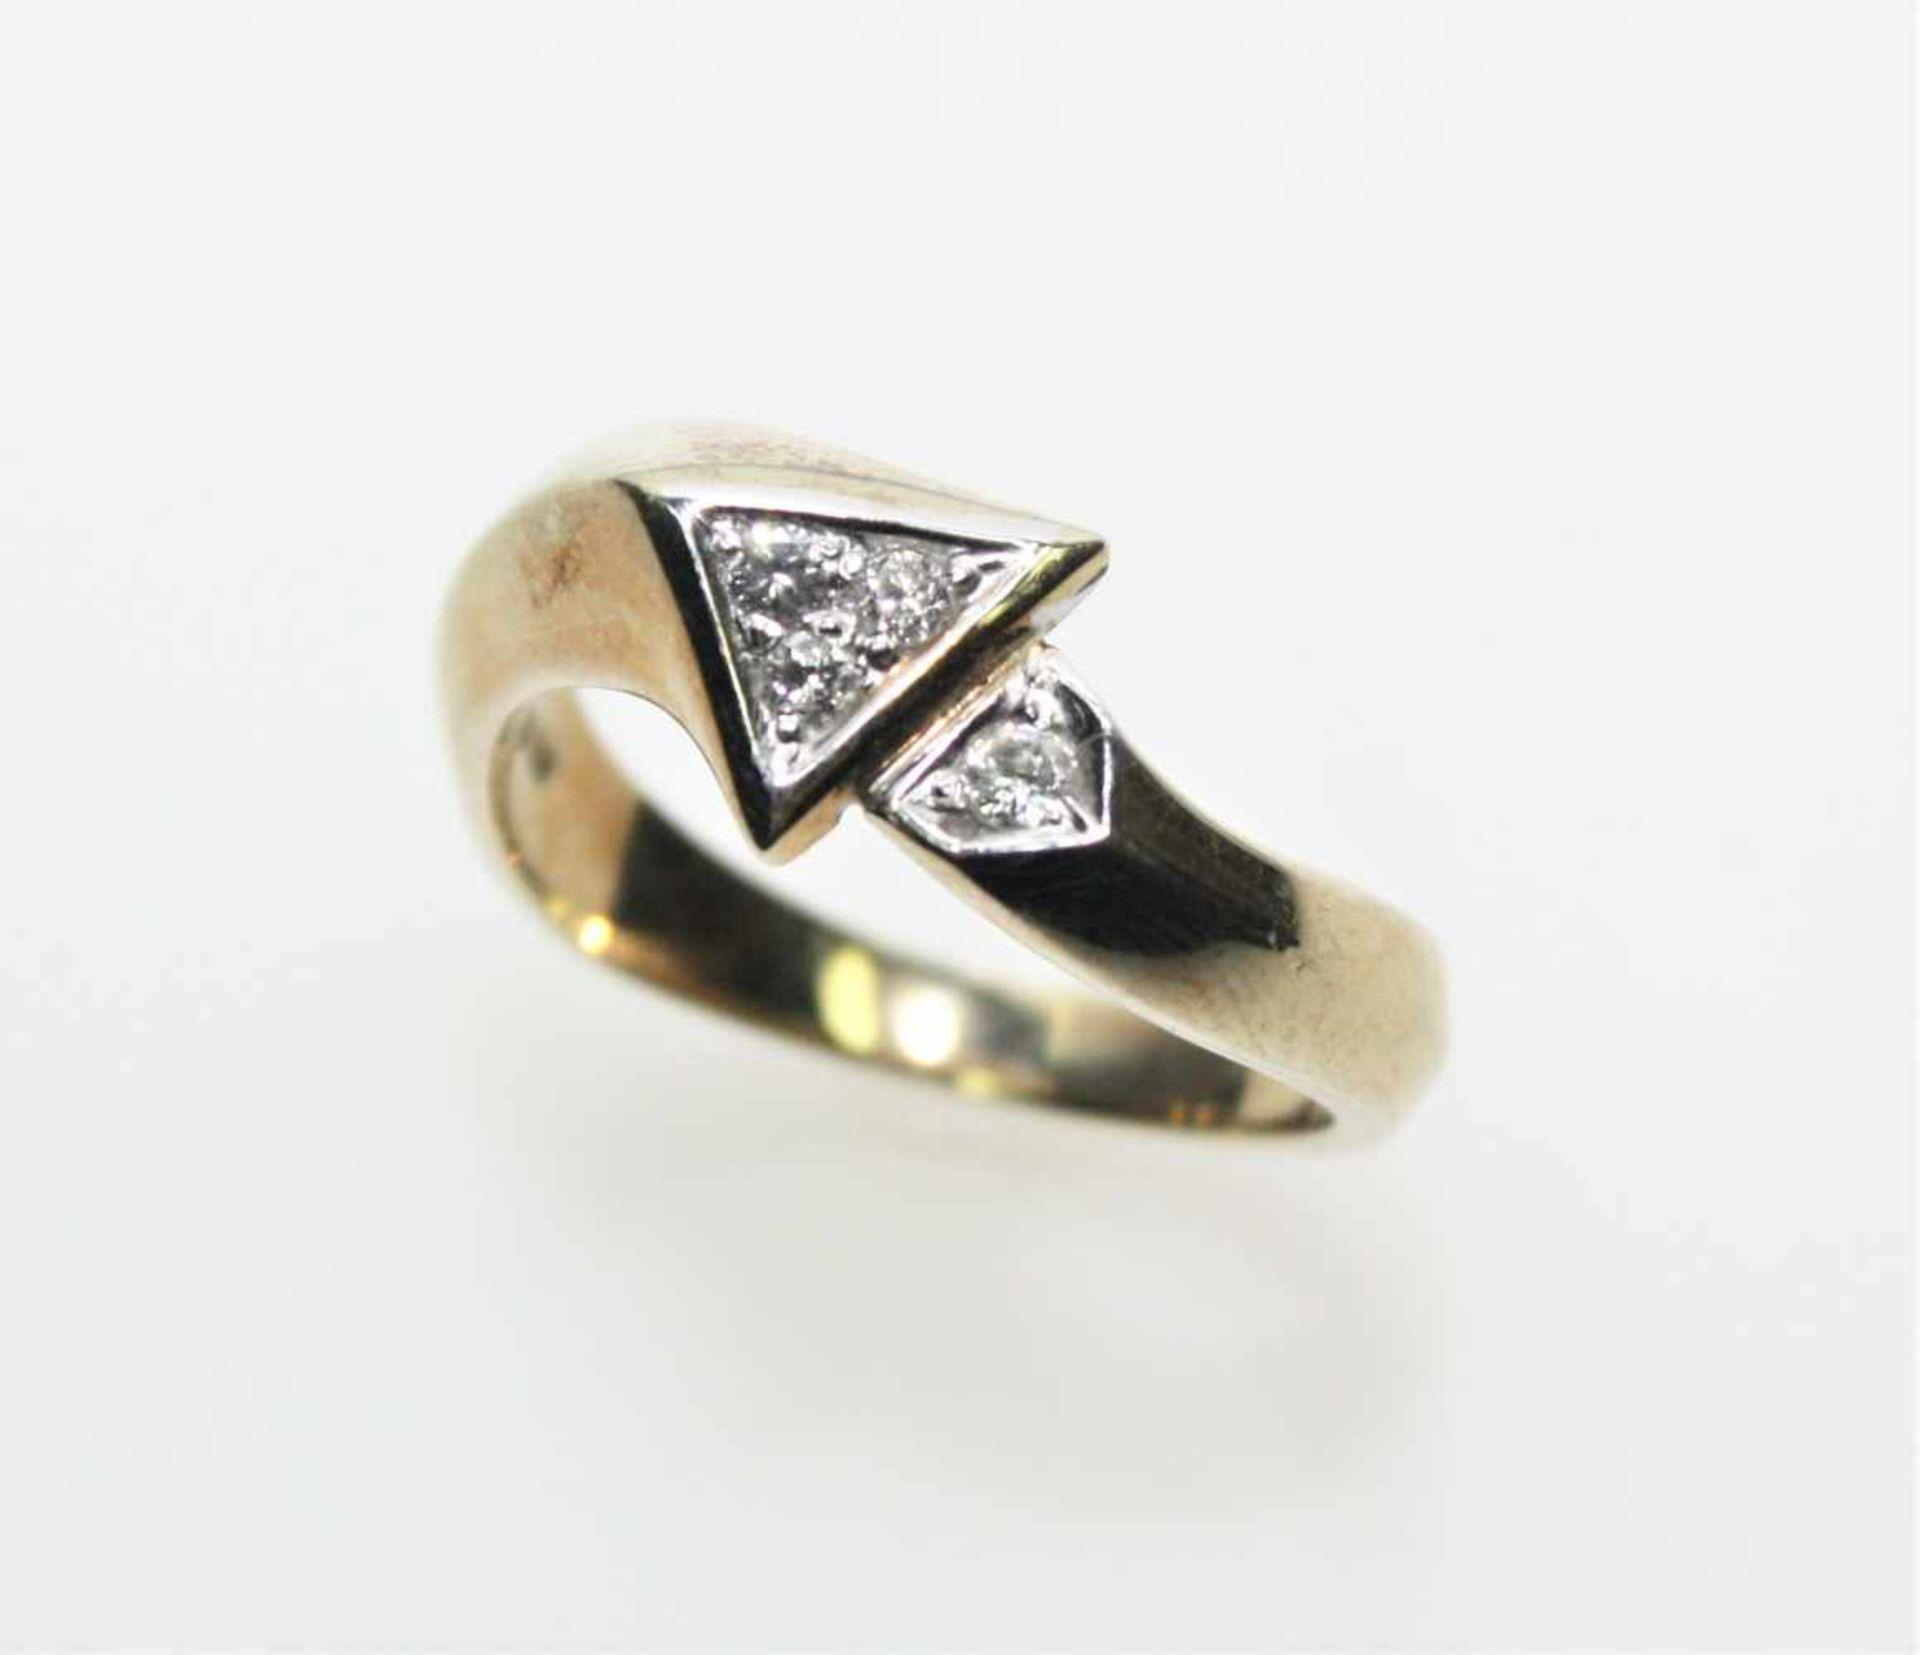 Goldener Ring 585/f gest., im Ringkopf in Weißgold gefasst vier kleine Diamanten in